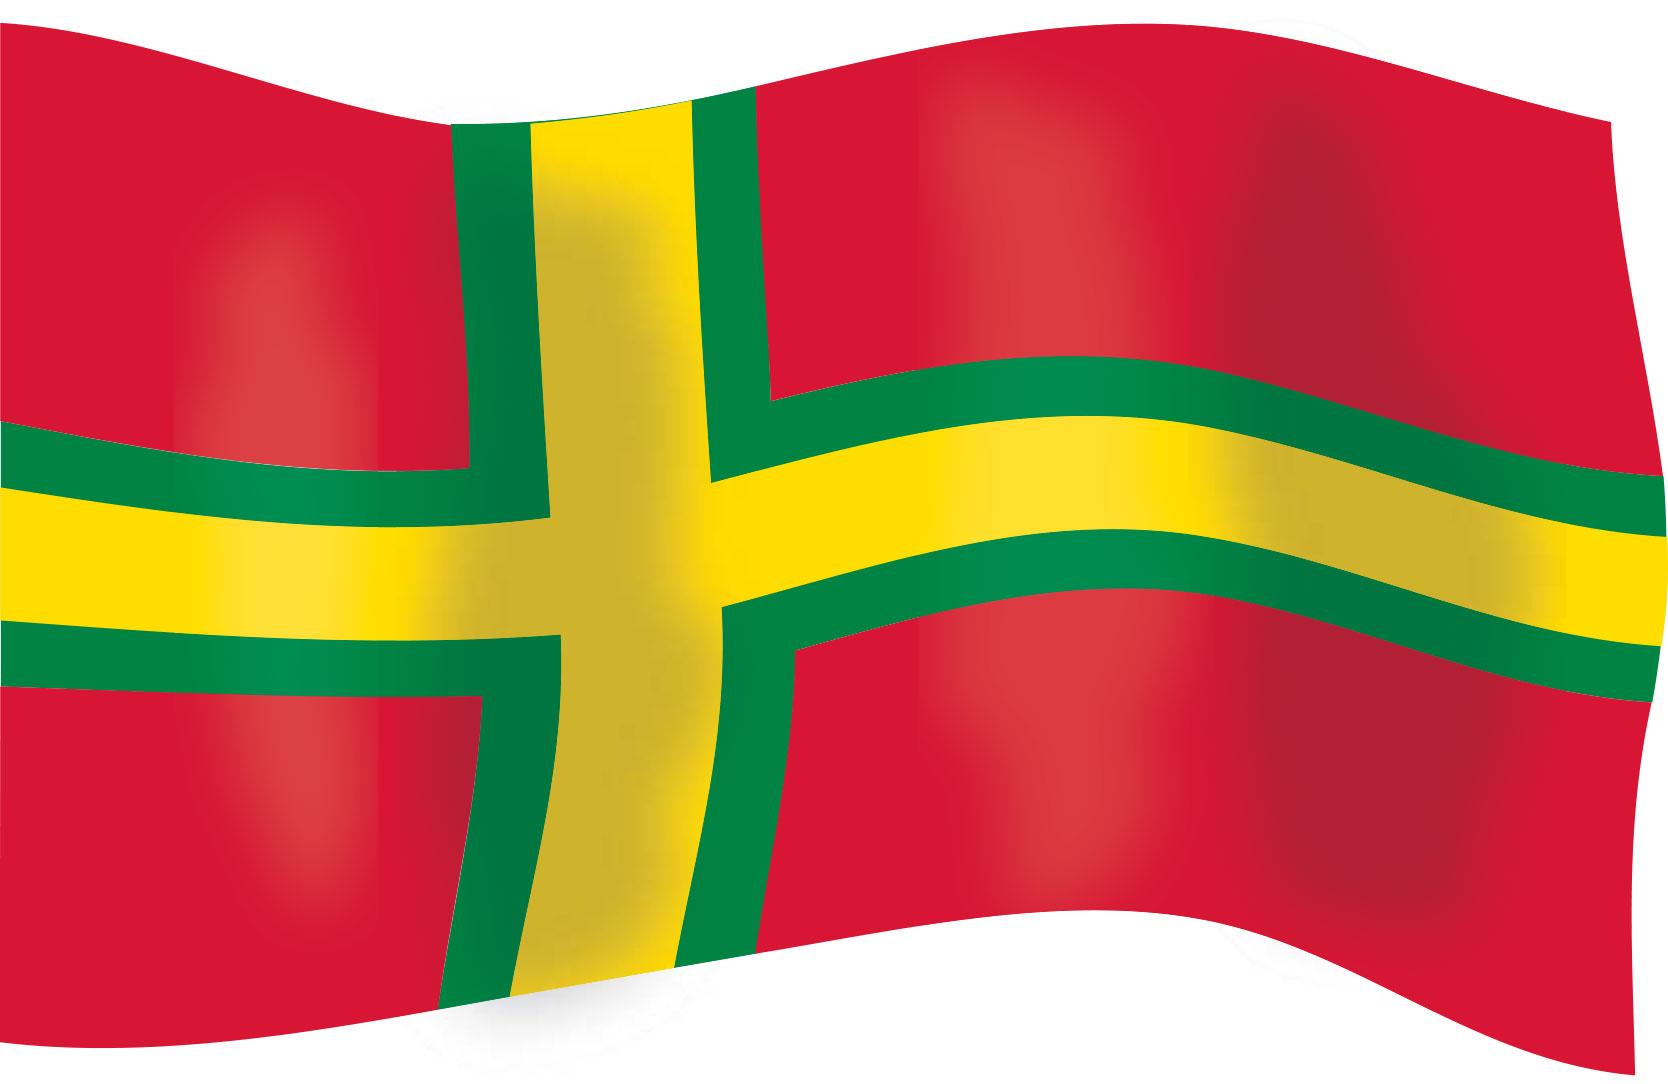 röd gul grön flagga